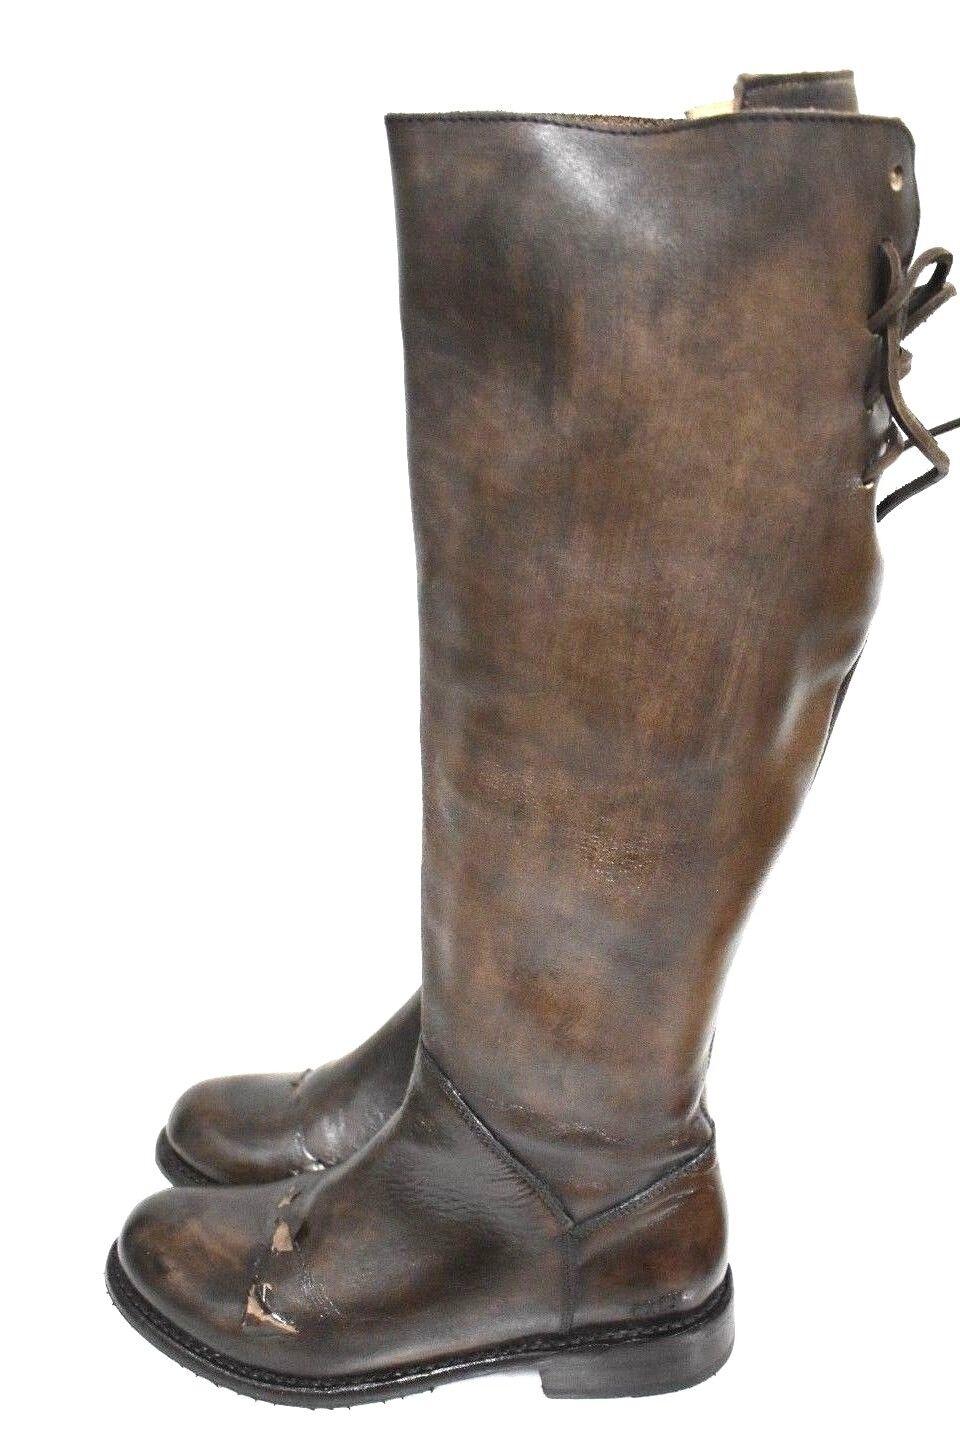 Bed Stu Manchester Teak Glaze Cobbler Serie Lederstiefel  8  3